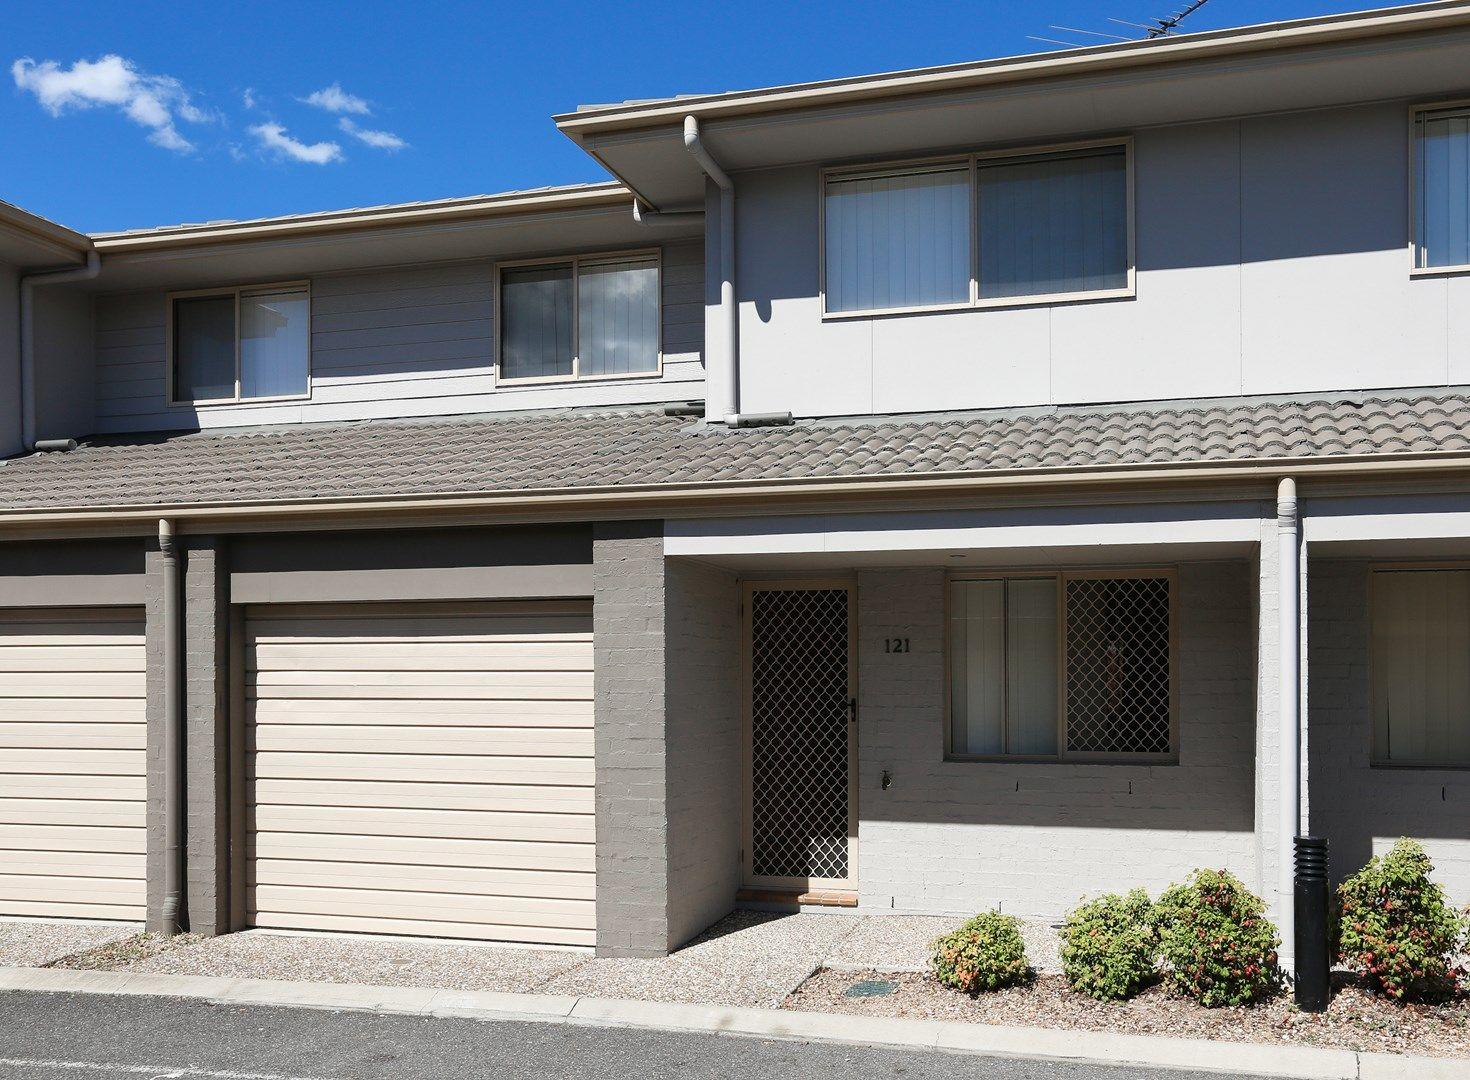 96/439 Elizabeth Avenue, Kippa-Ring QLD 4021, Image 0